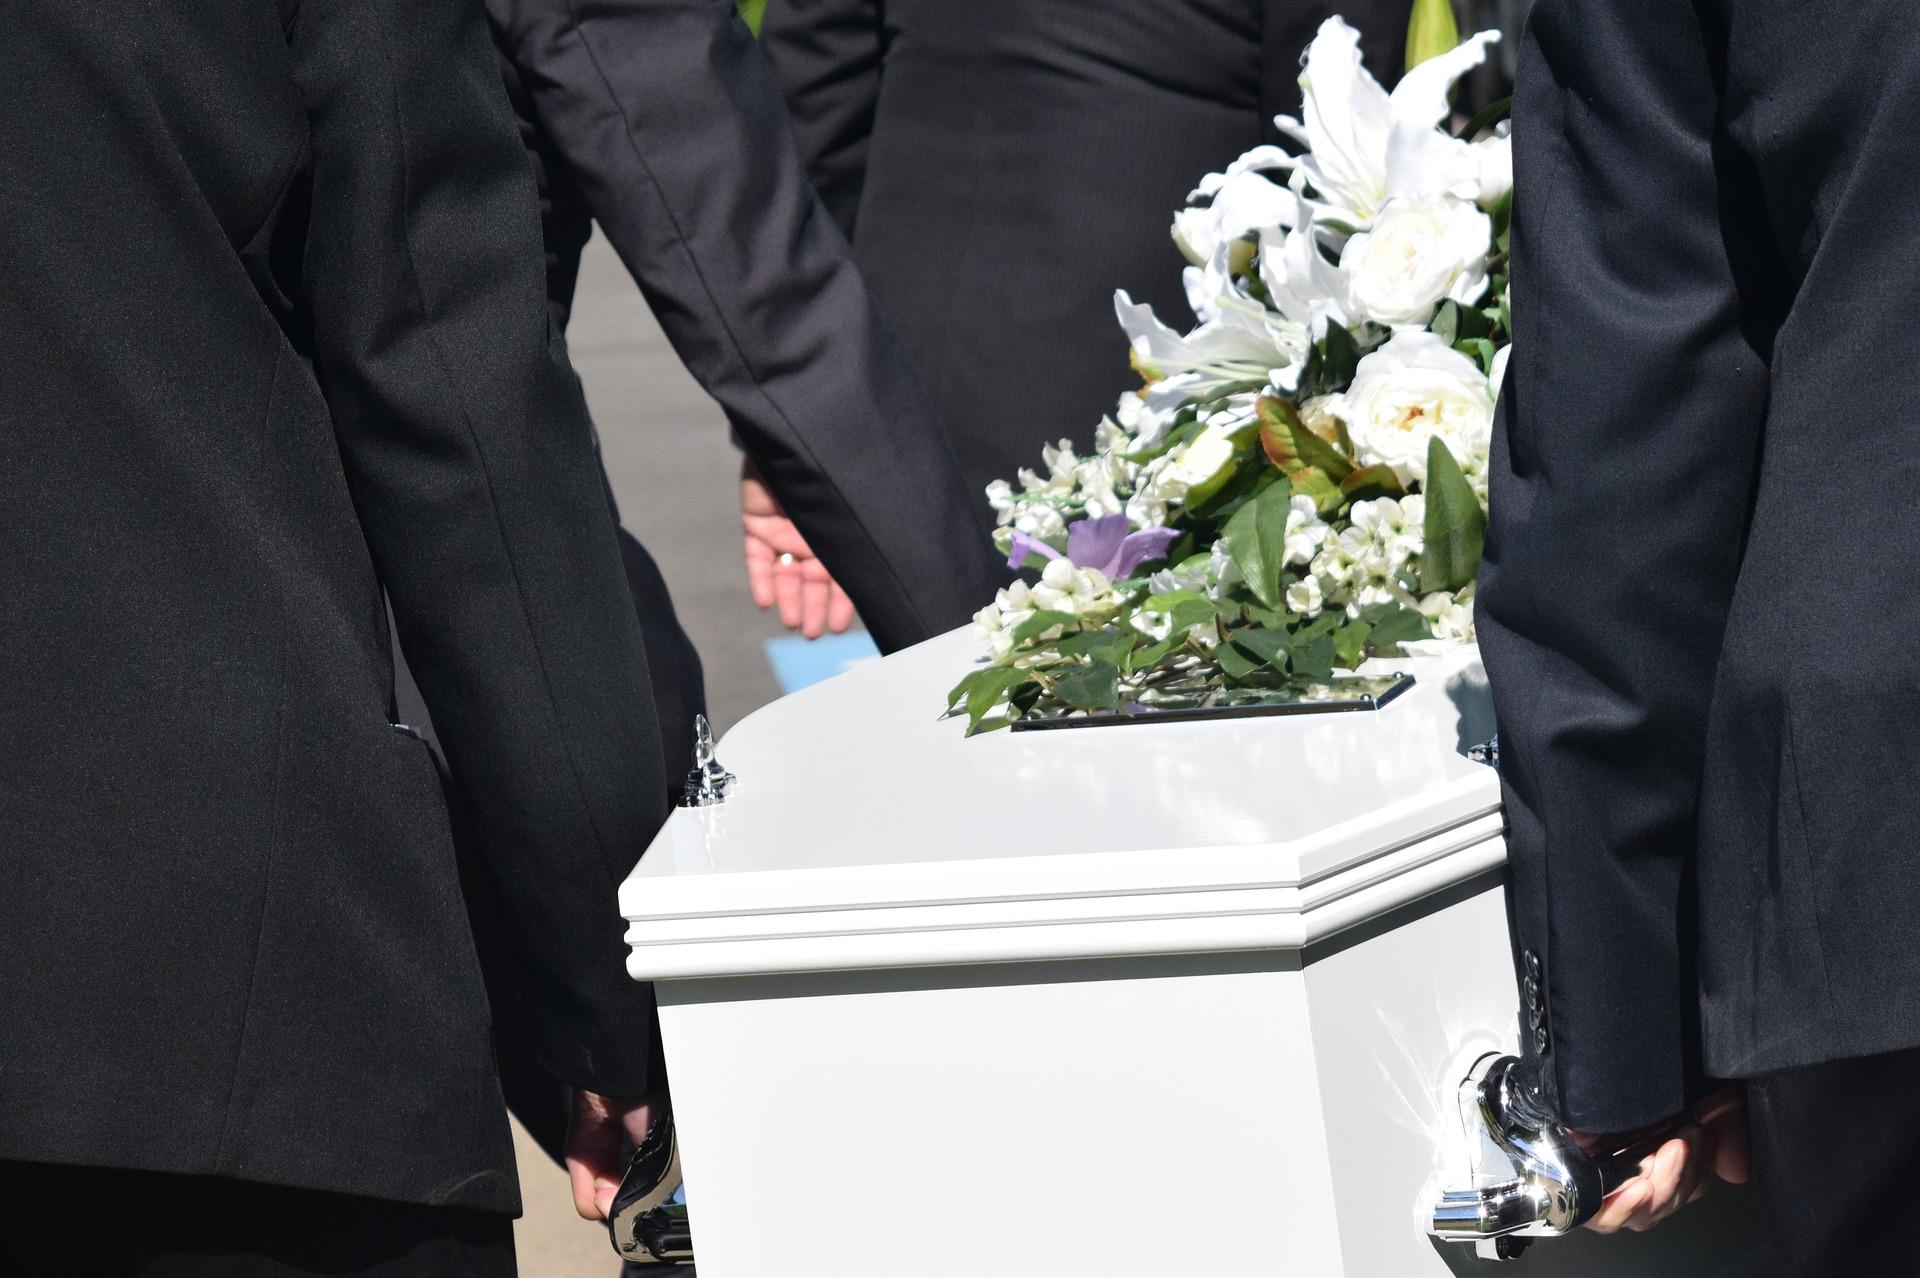 Zasiłek pogrzebowy - komu przysługuje, jakie dokumenty ?